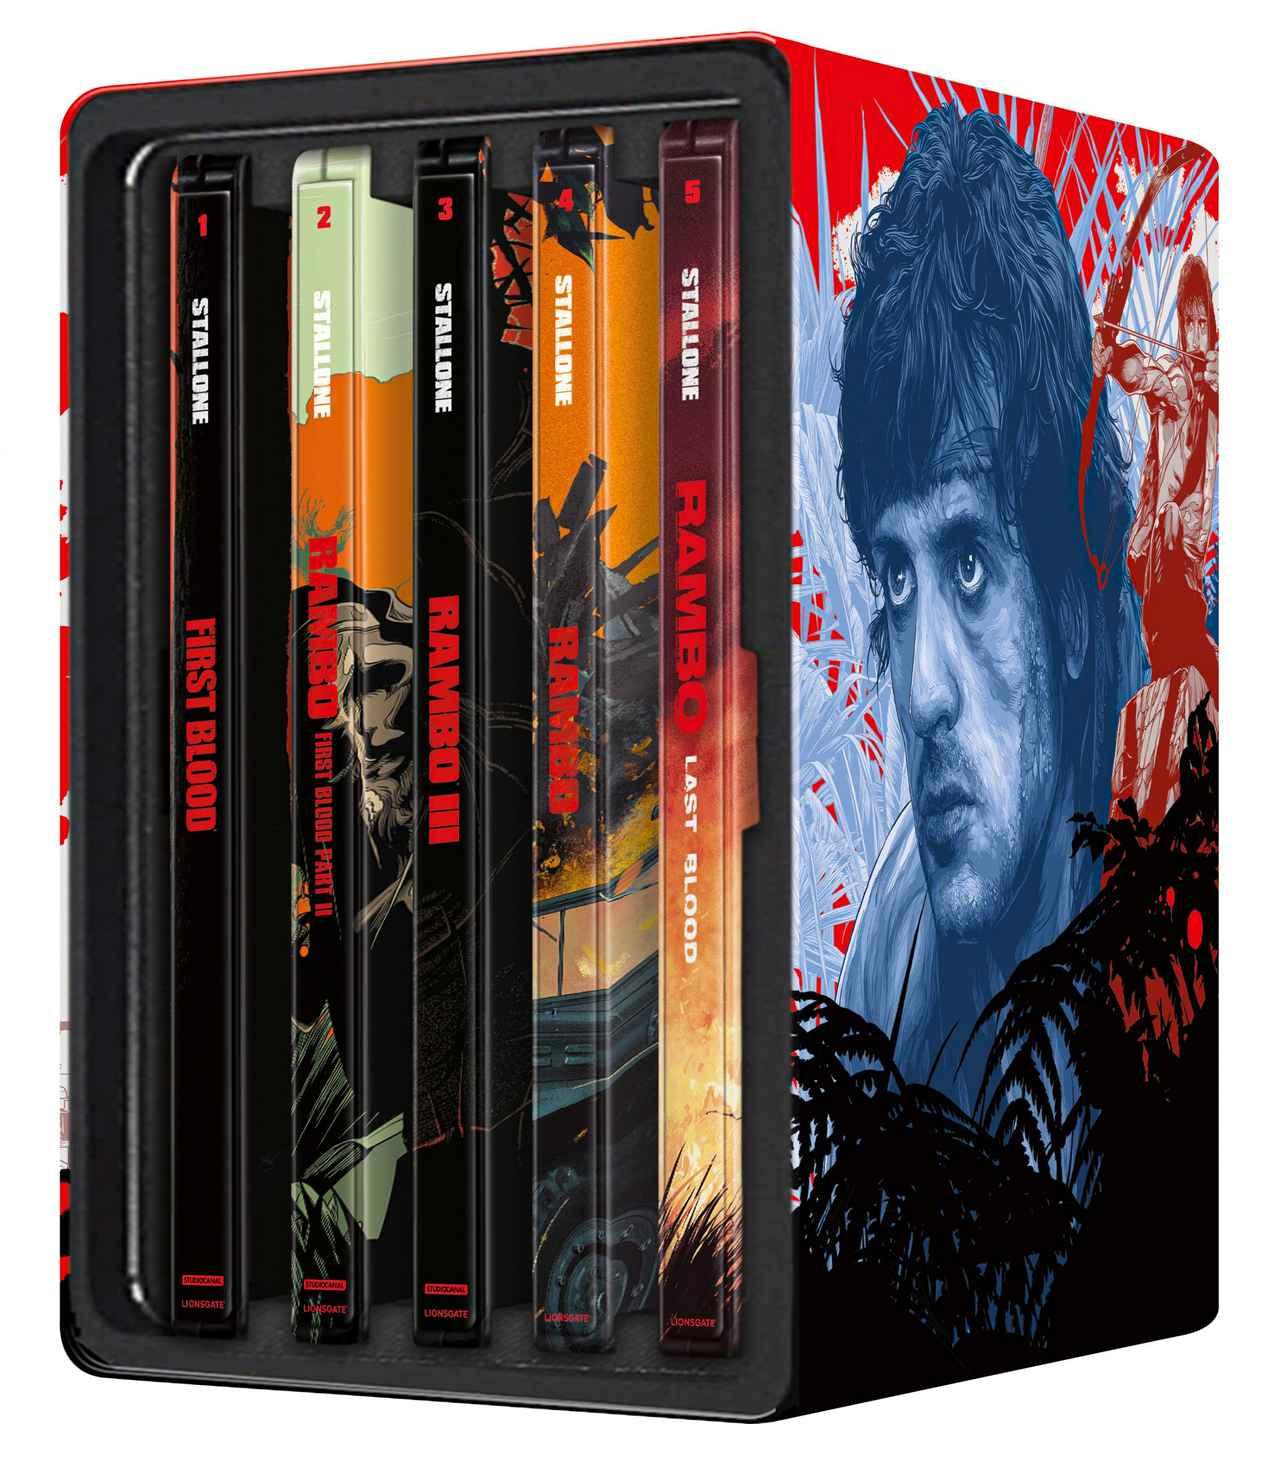 画像1: 豪華スチールブックで登場『ランボー:ザ・コンプリート・スチールブック・コレクション』【海外盤Blu-ray発売情報】